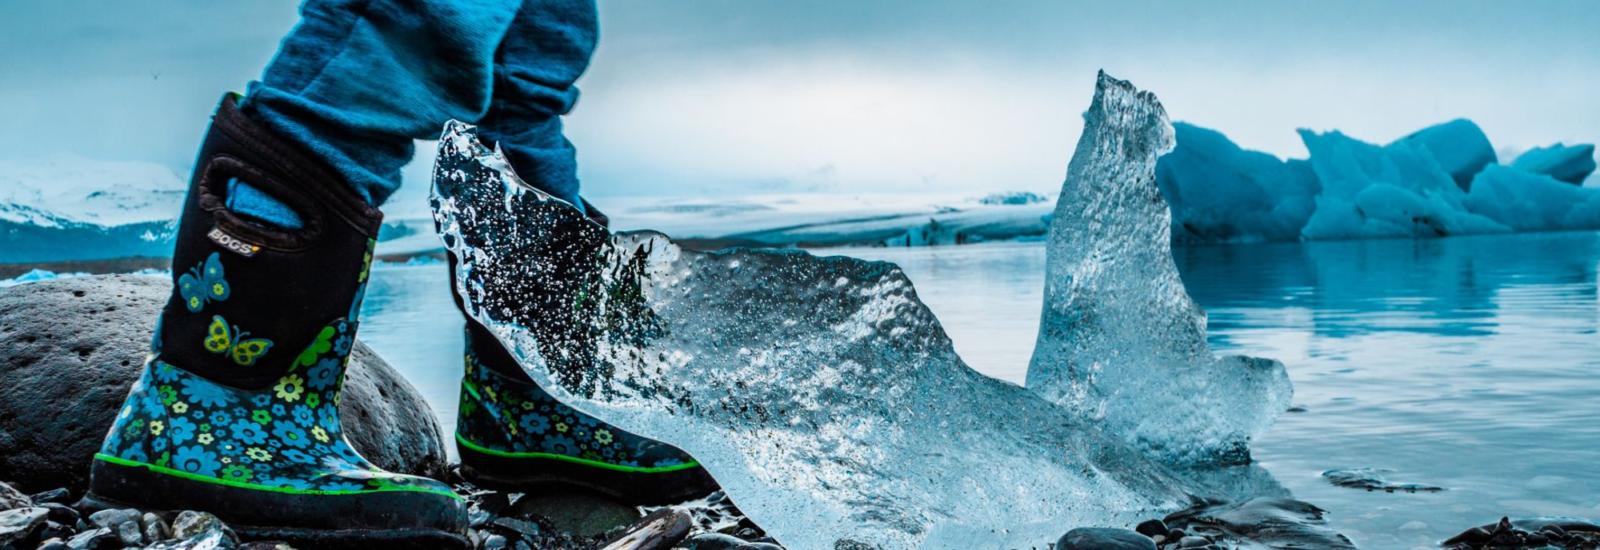 goforkids Islandia   Lato 2020 Biuro podróży Goforworld by Kuźniar